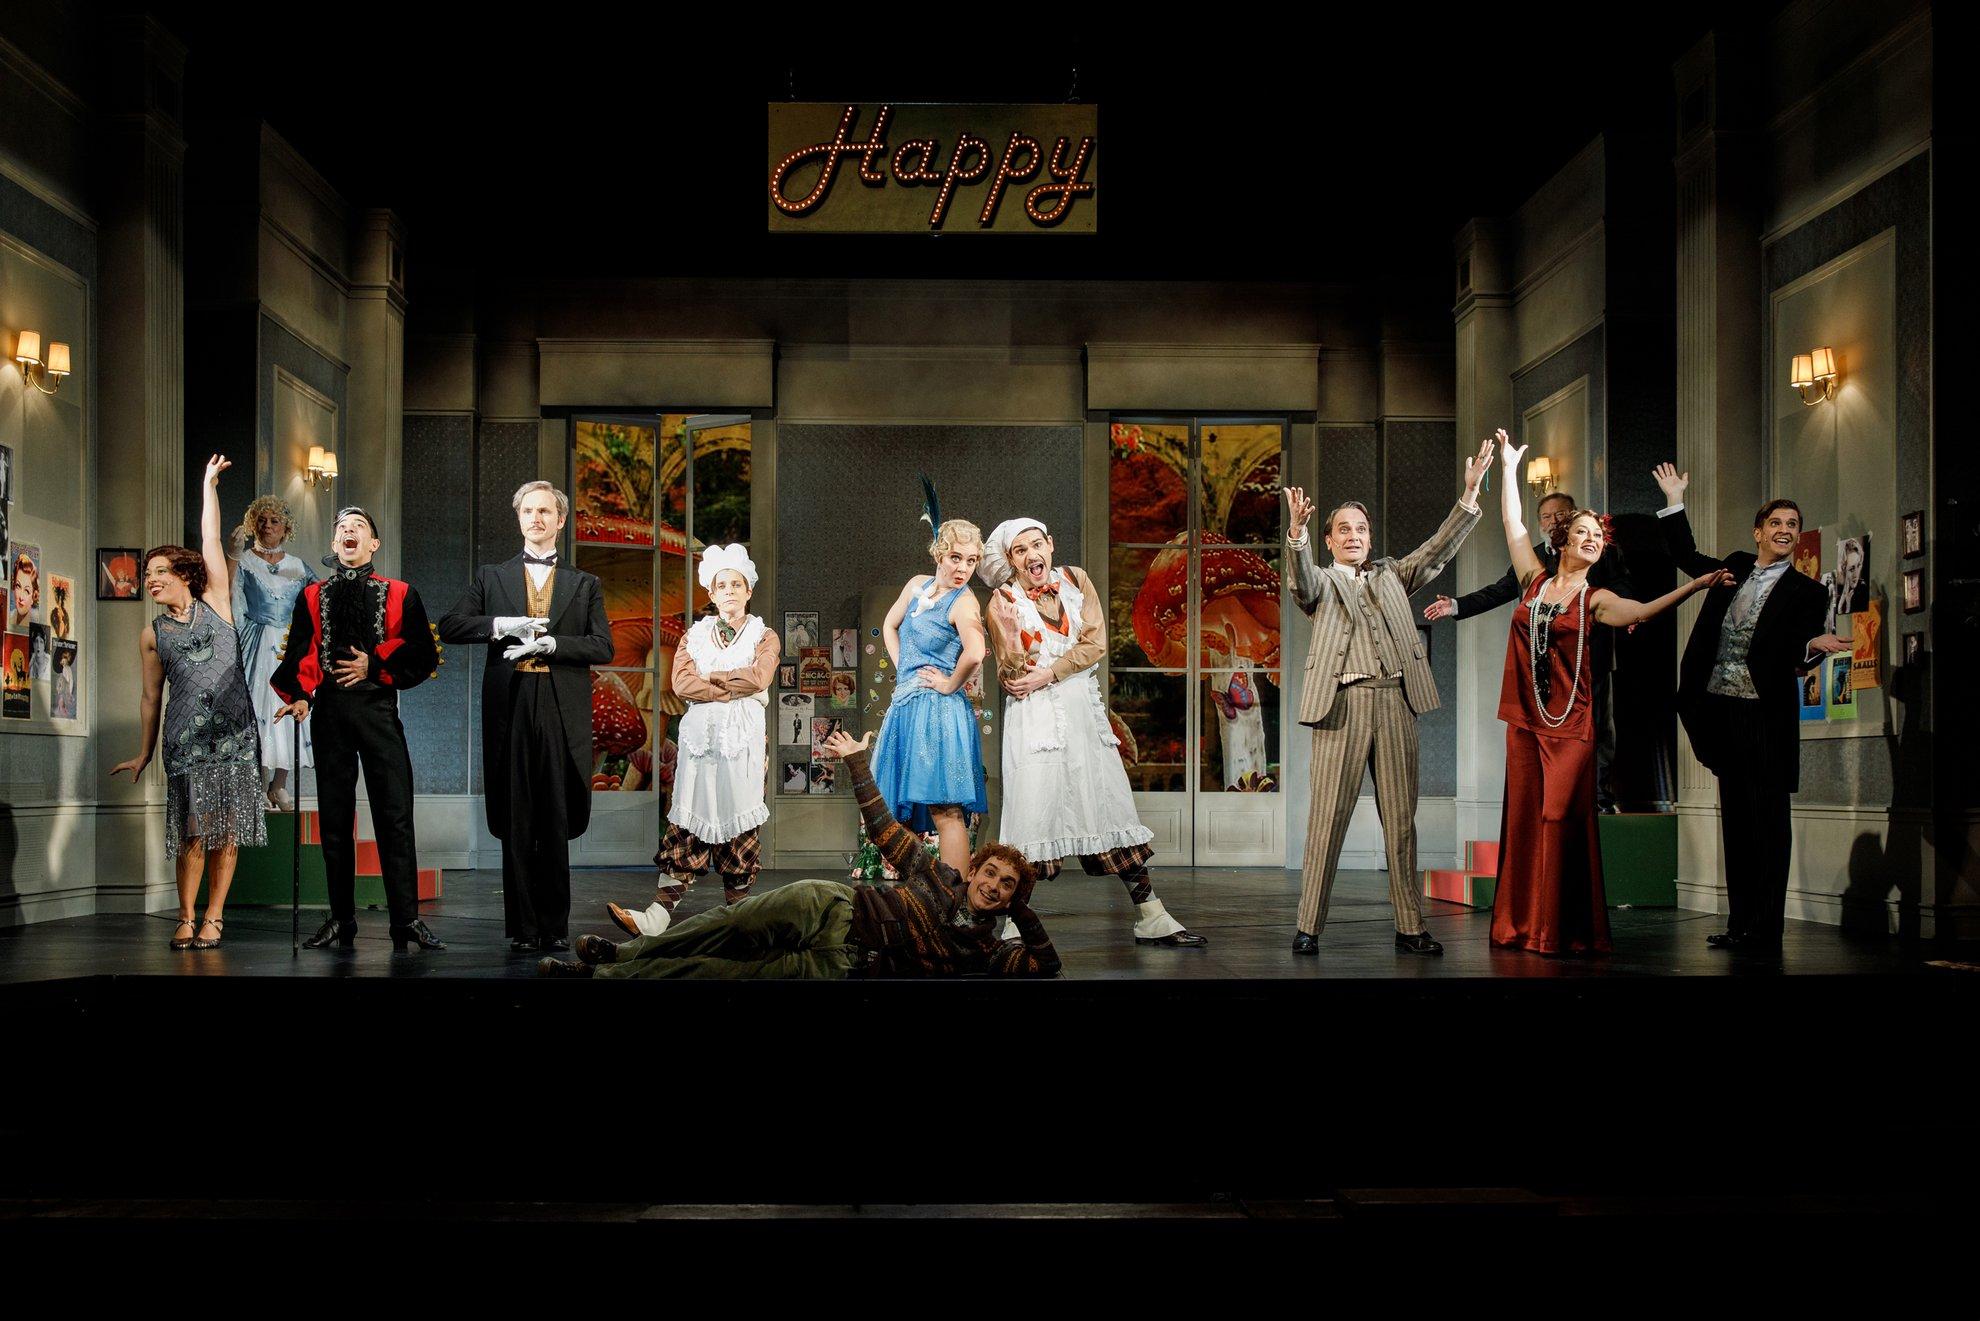 hochzeit mit hindernissen theater